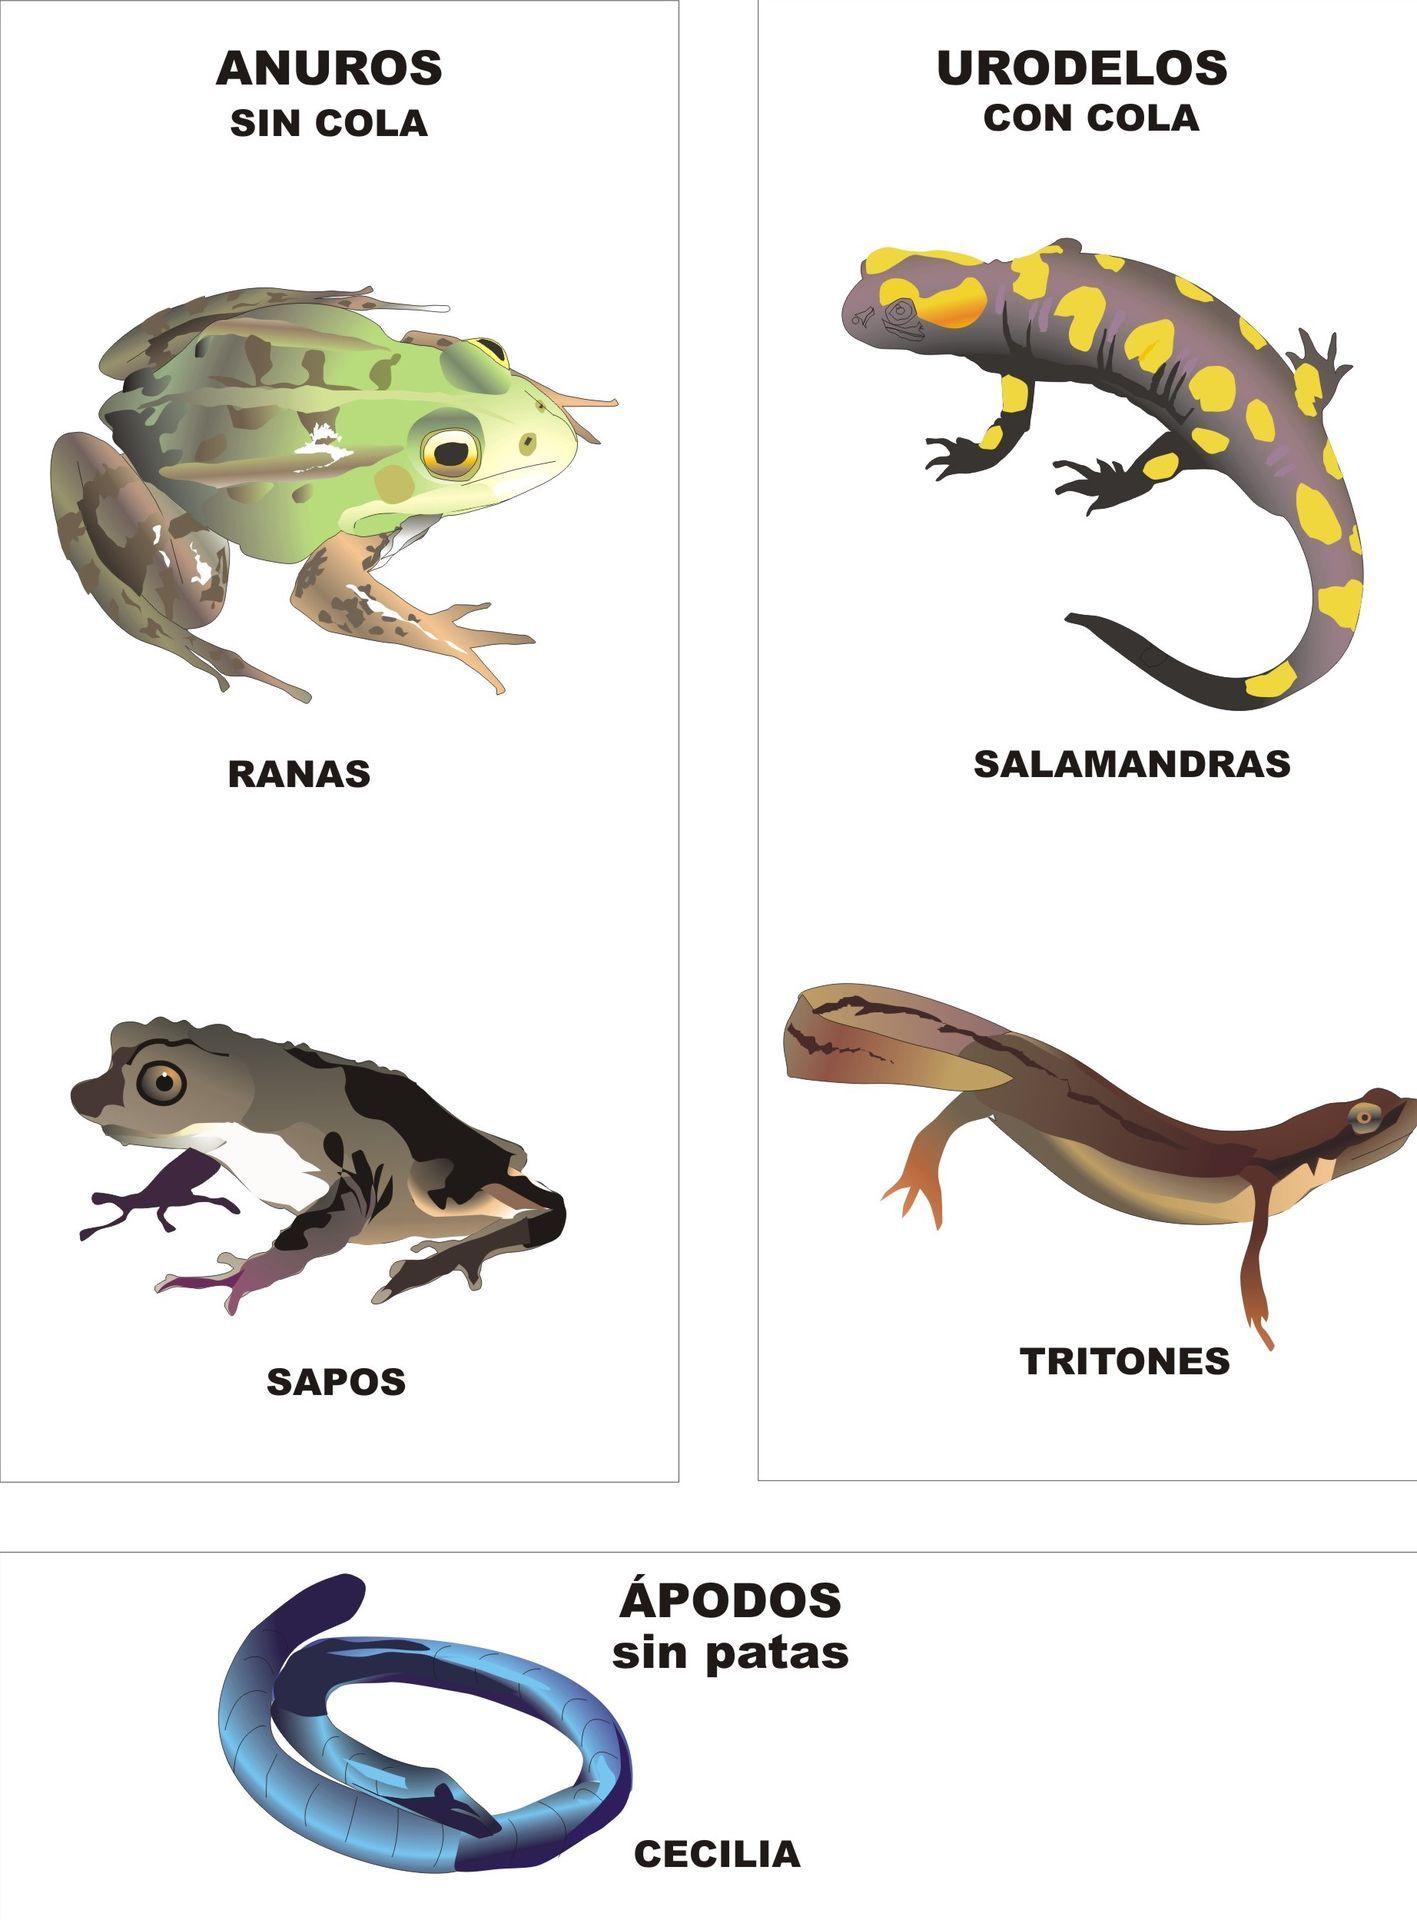 ⚫ ORDEN ANURA, anuros, ranas y sapos: Cabeza y tronco , sin cola, sin escamas, dos pares de extremidades, boca grande, pulmones, 6-10 vertebras incluyendo urostilo (coxis)